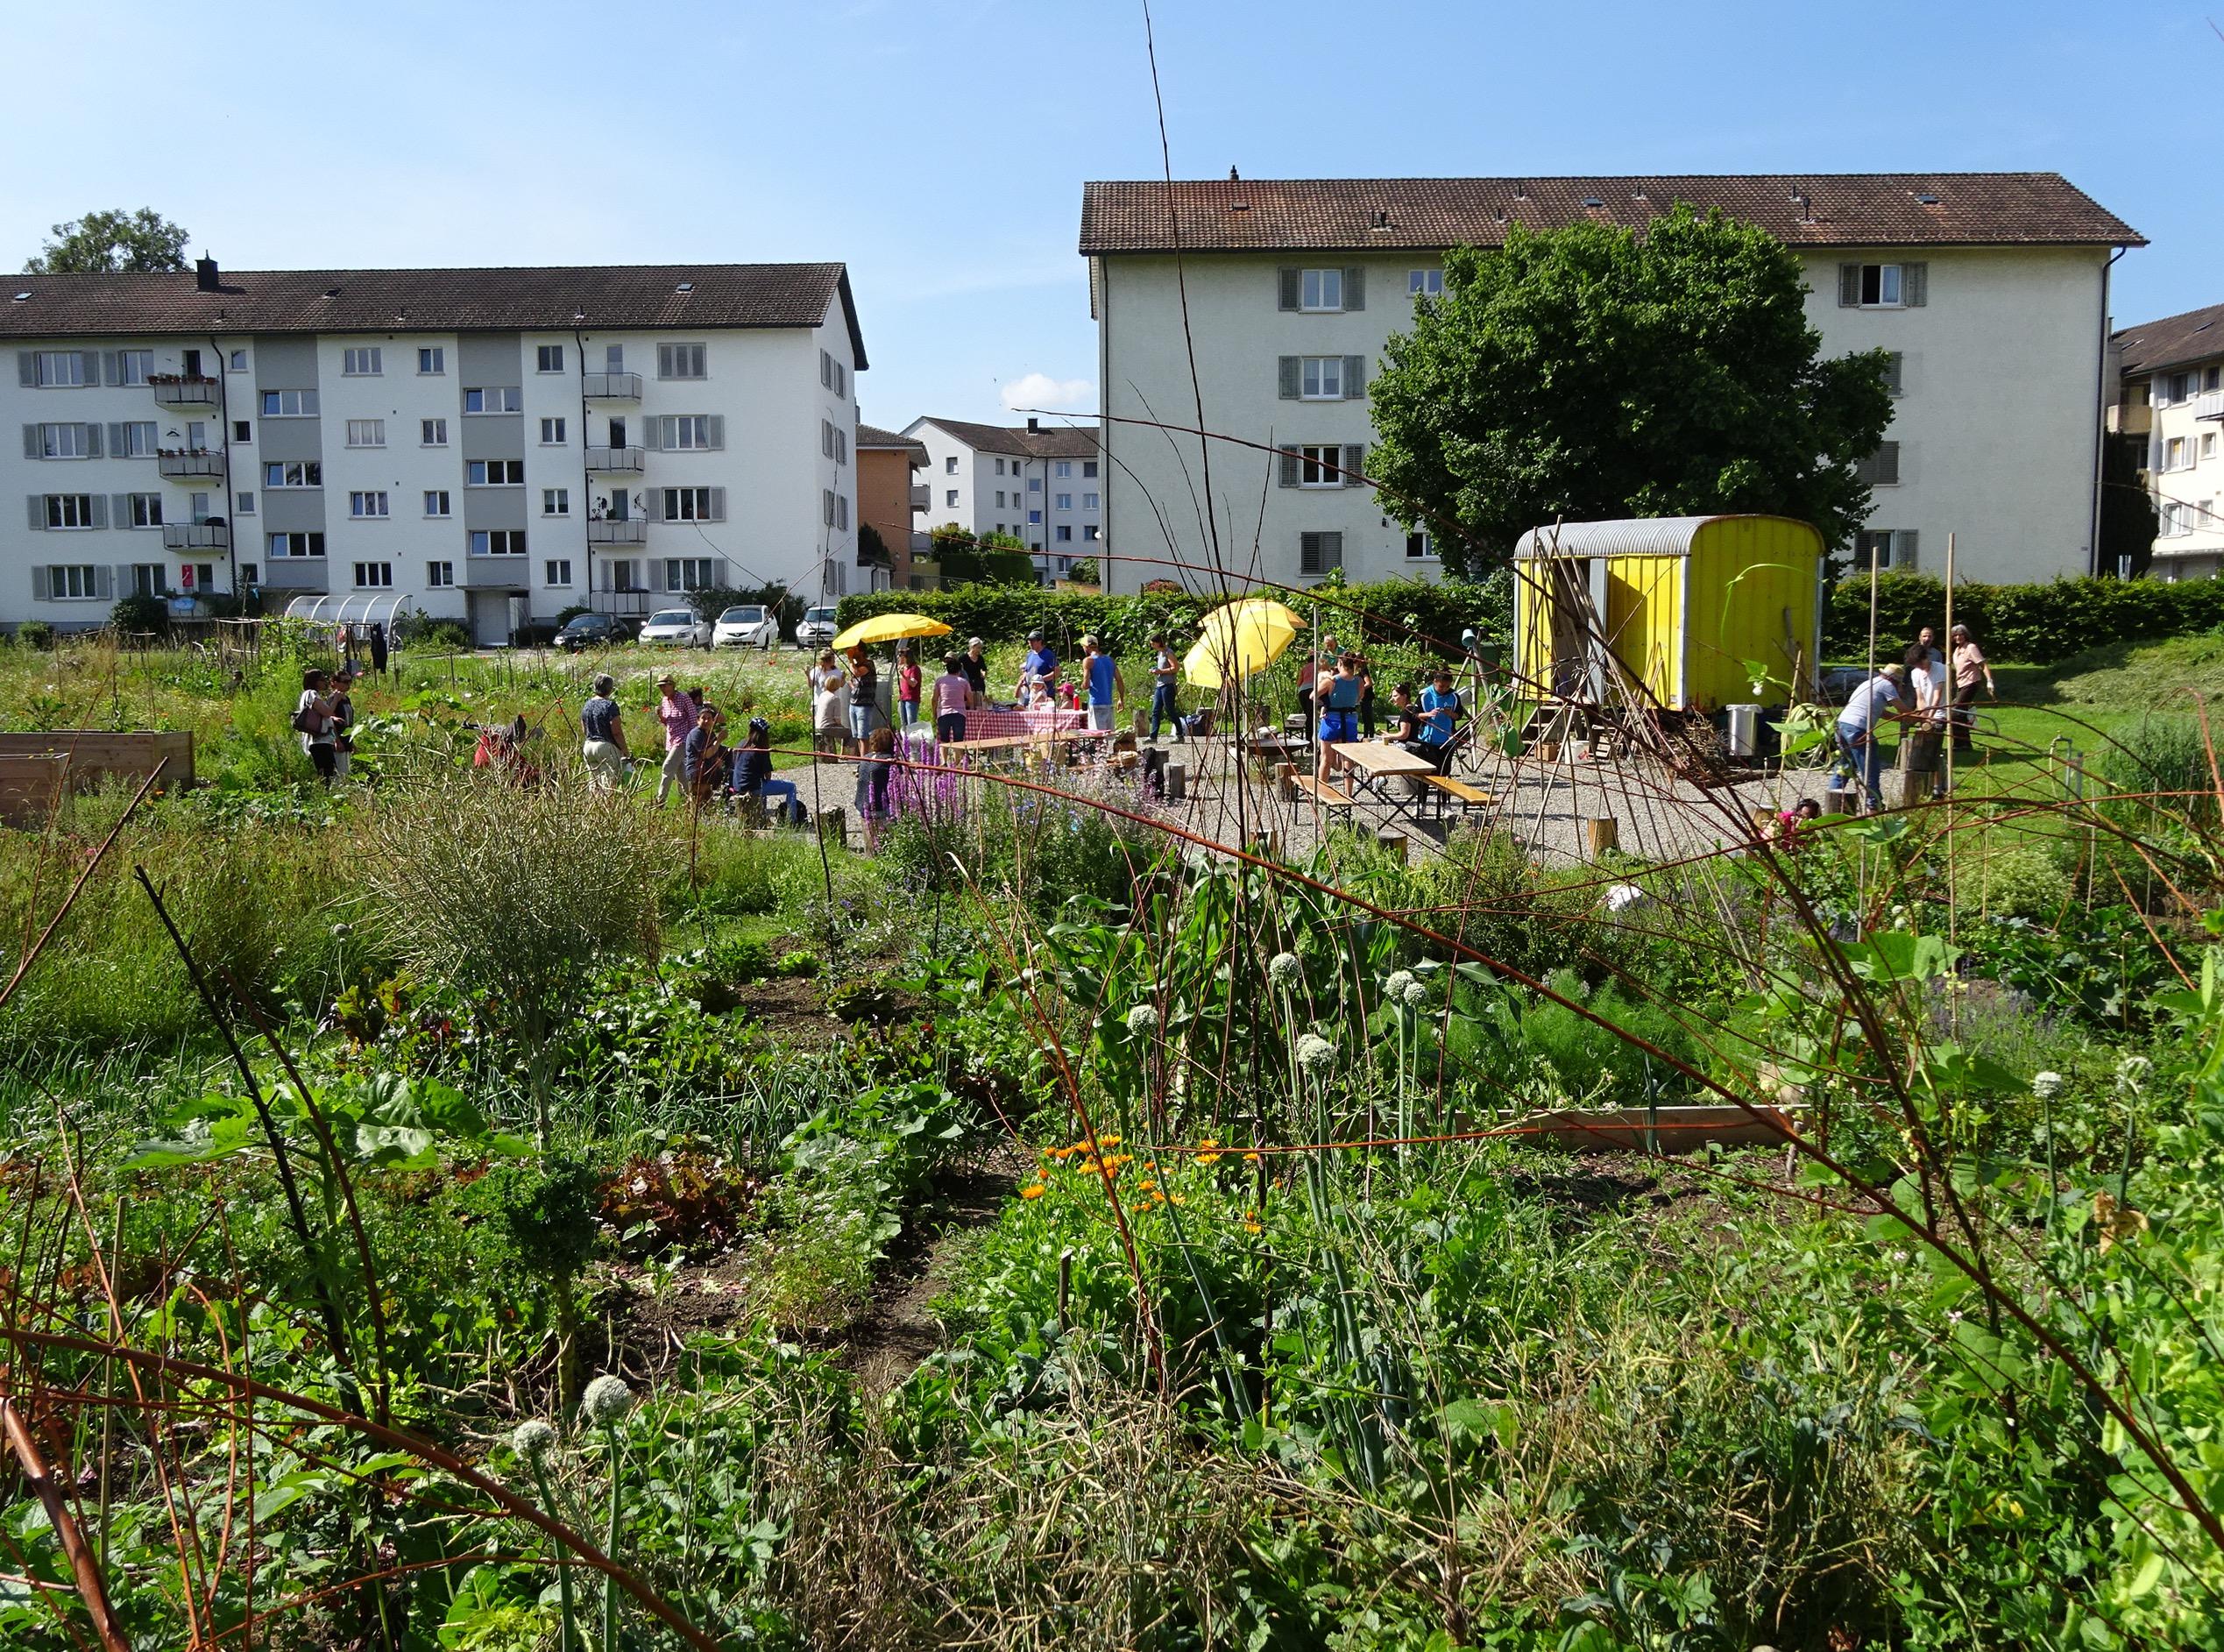 2020-07-04 Ogif Gartentag a